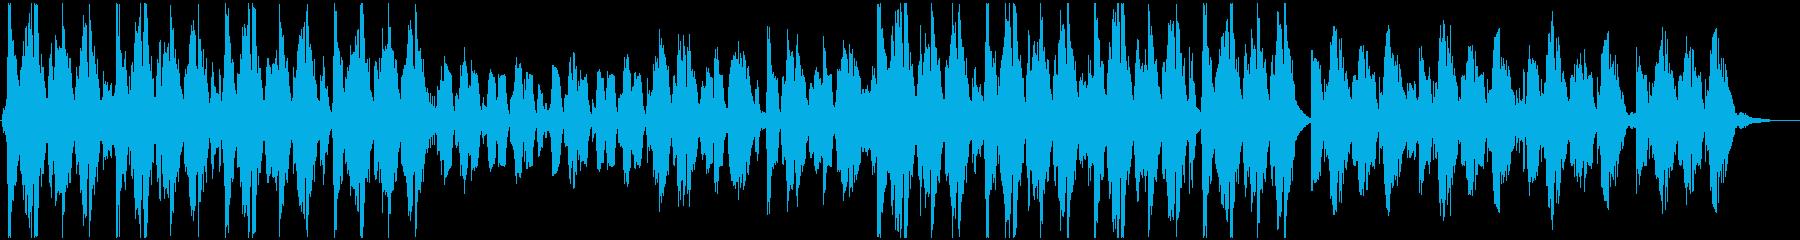 動物、コメディ等に。おとぼけマーチBGMの再生済みの波形